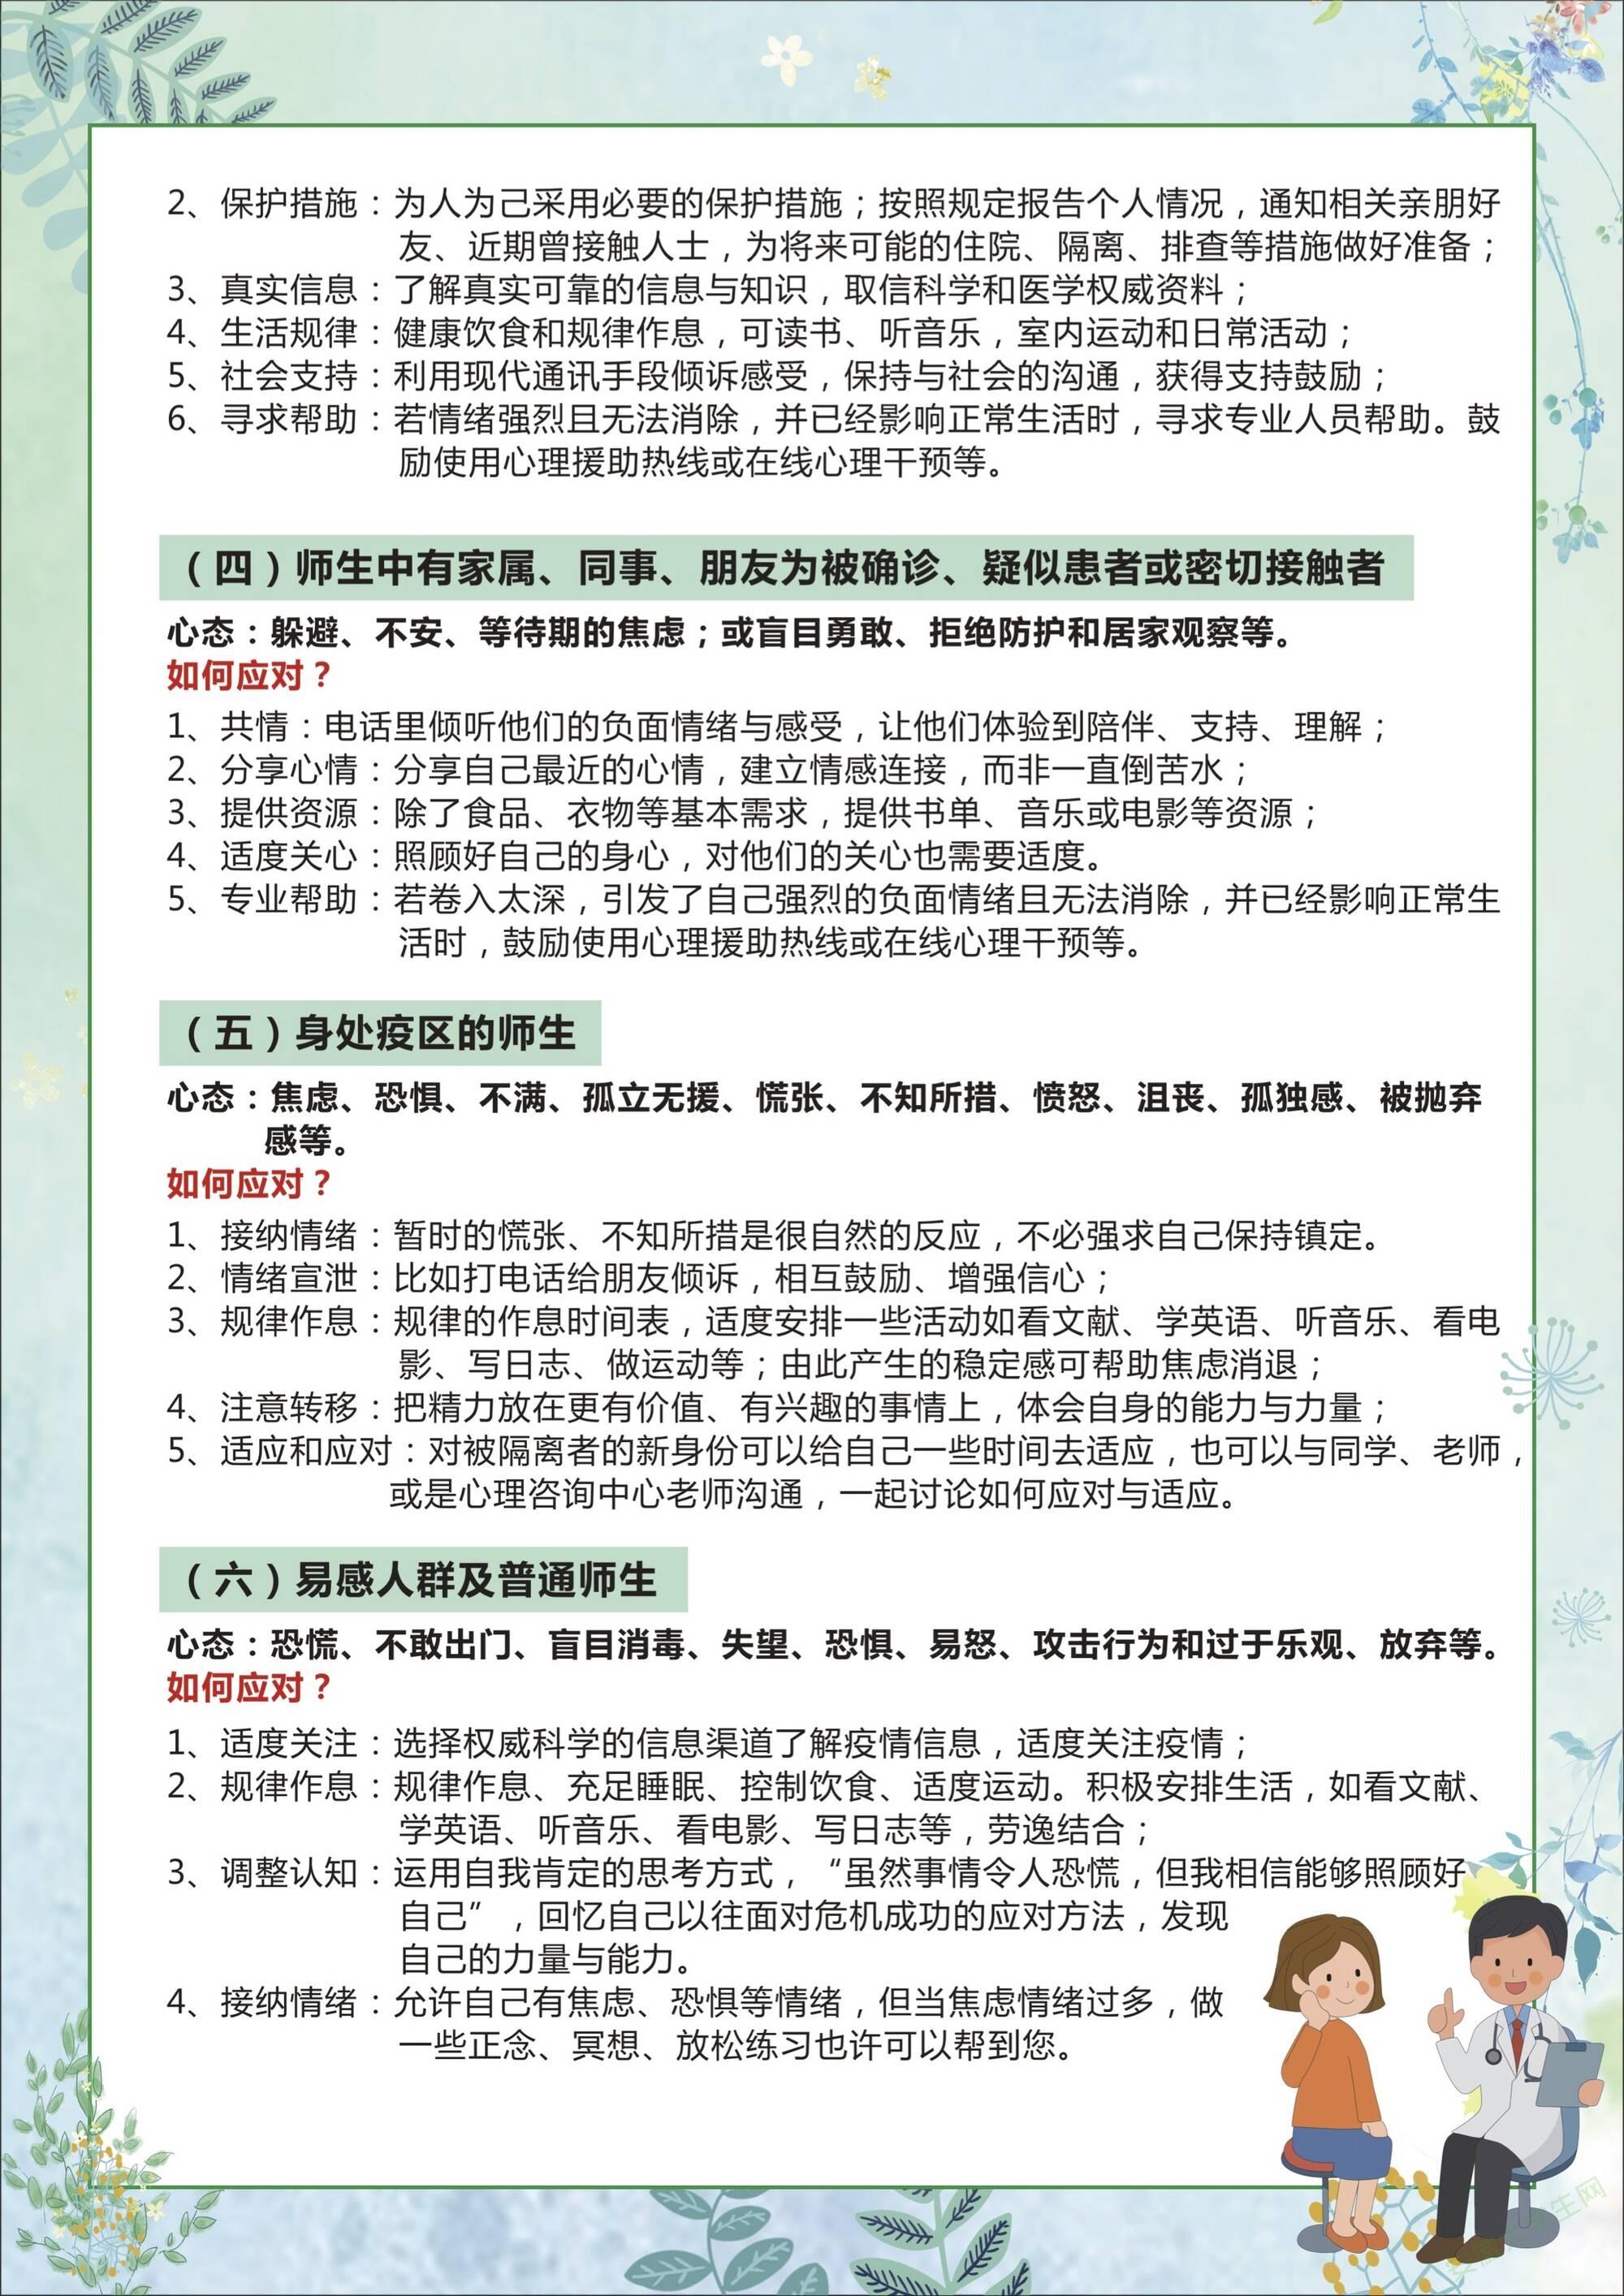 安徽省教育厅发布:安徽省高校师生心理应对手册